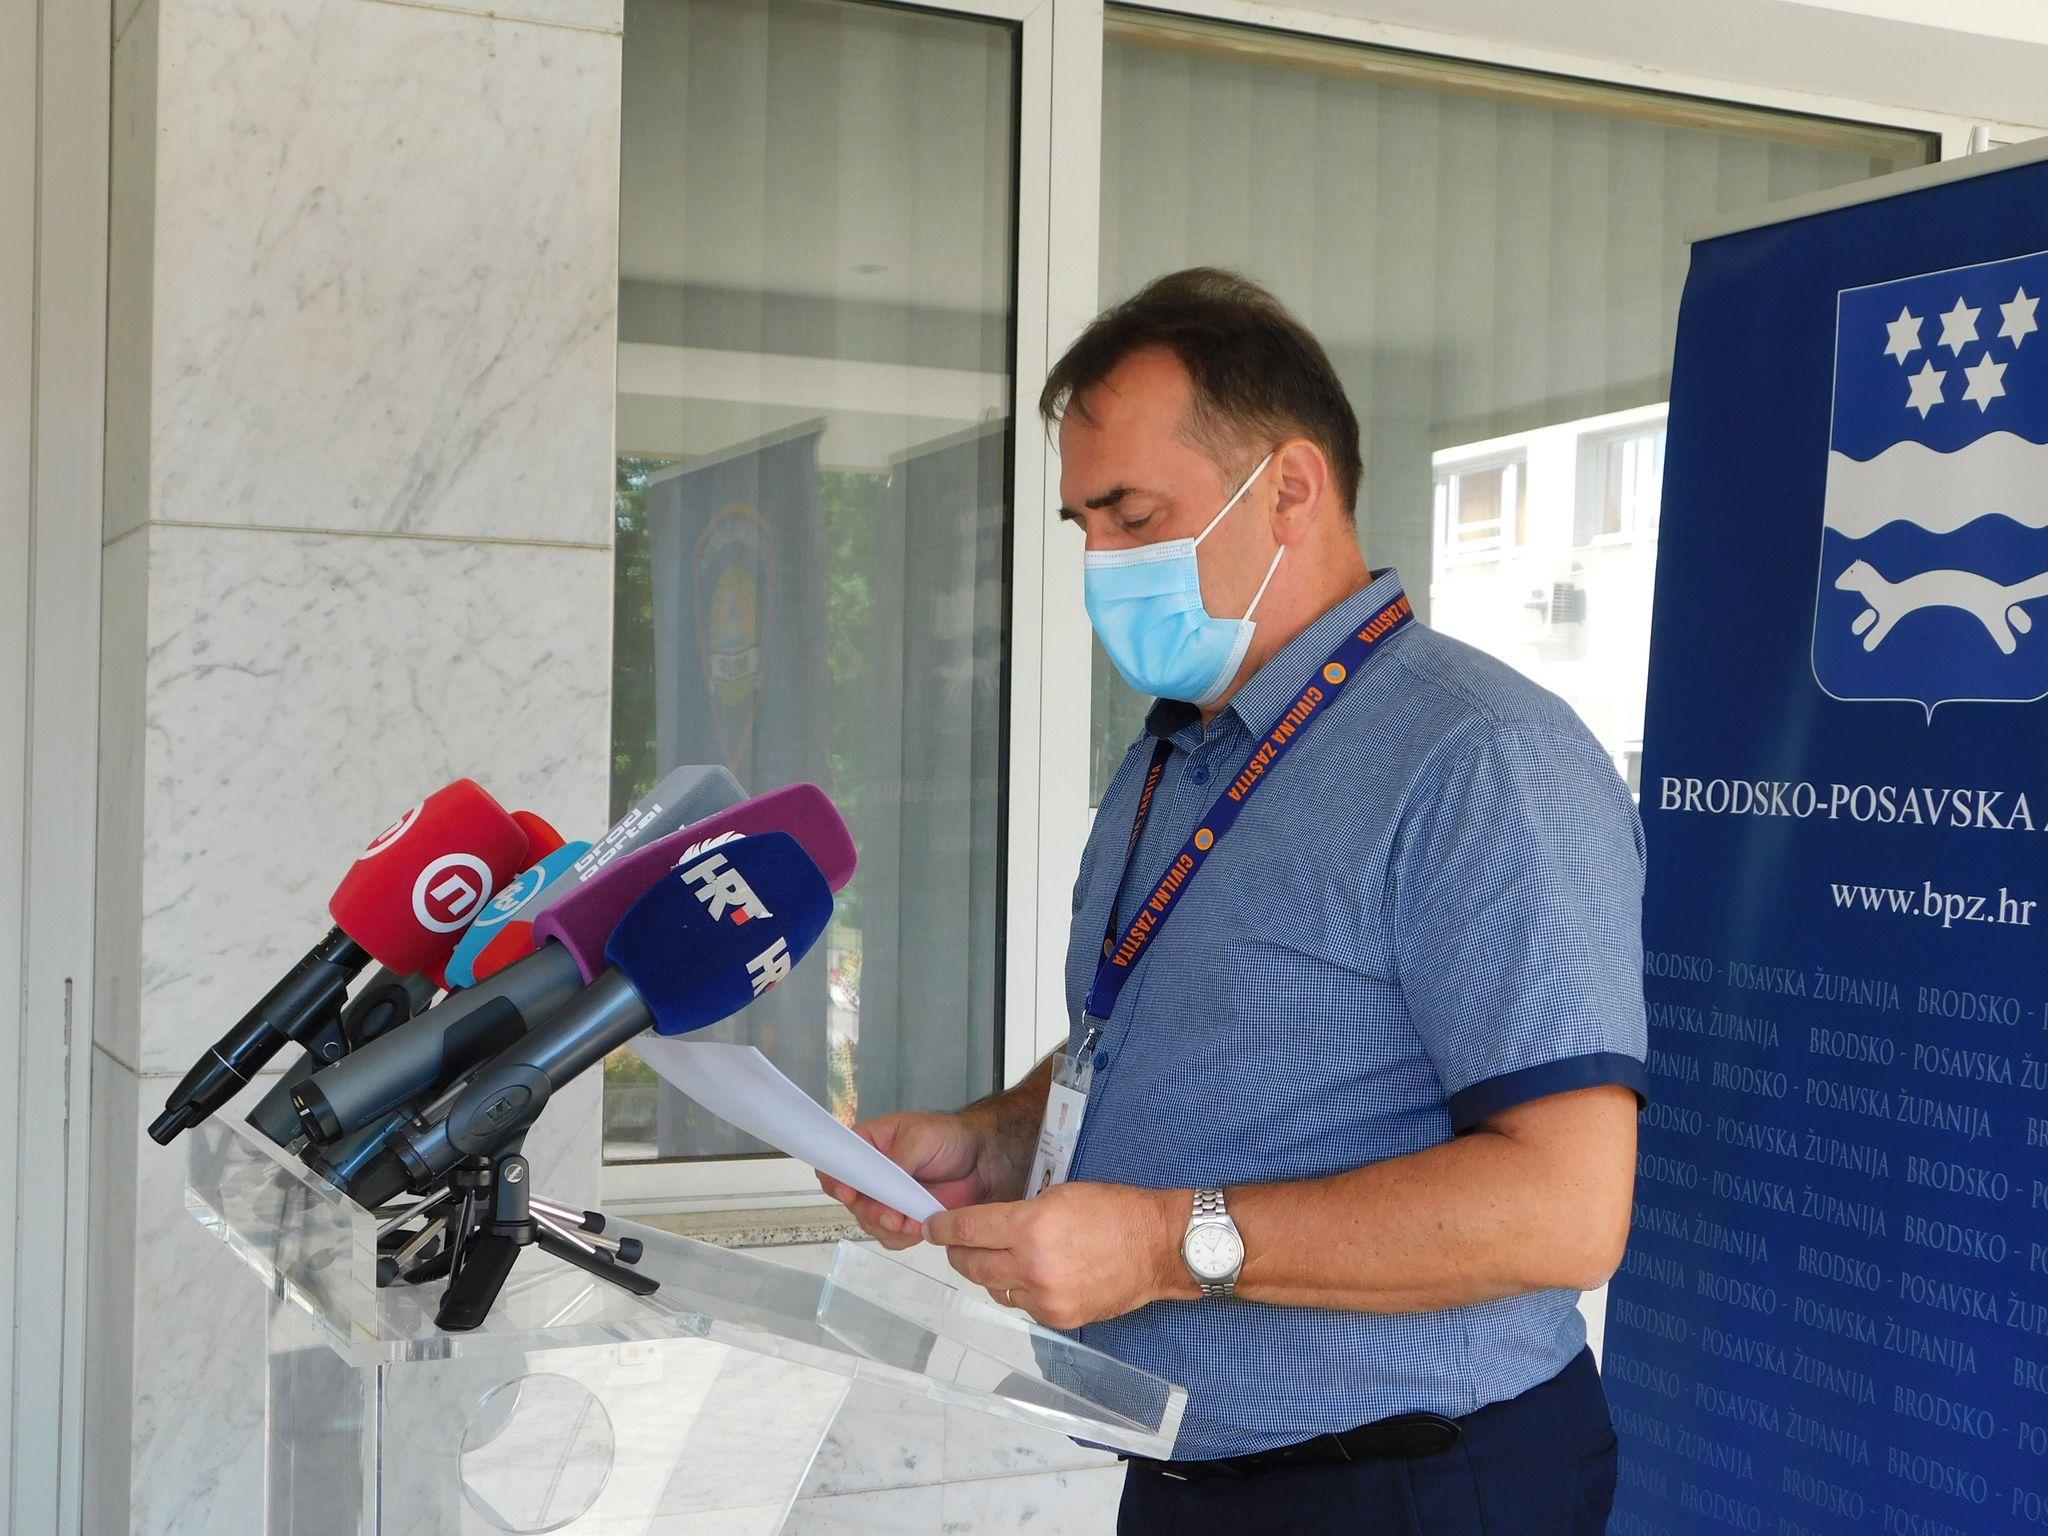 U Brodsko-posavskoj županiji danas 12 novih slučajeva zaraze koronavirusom